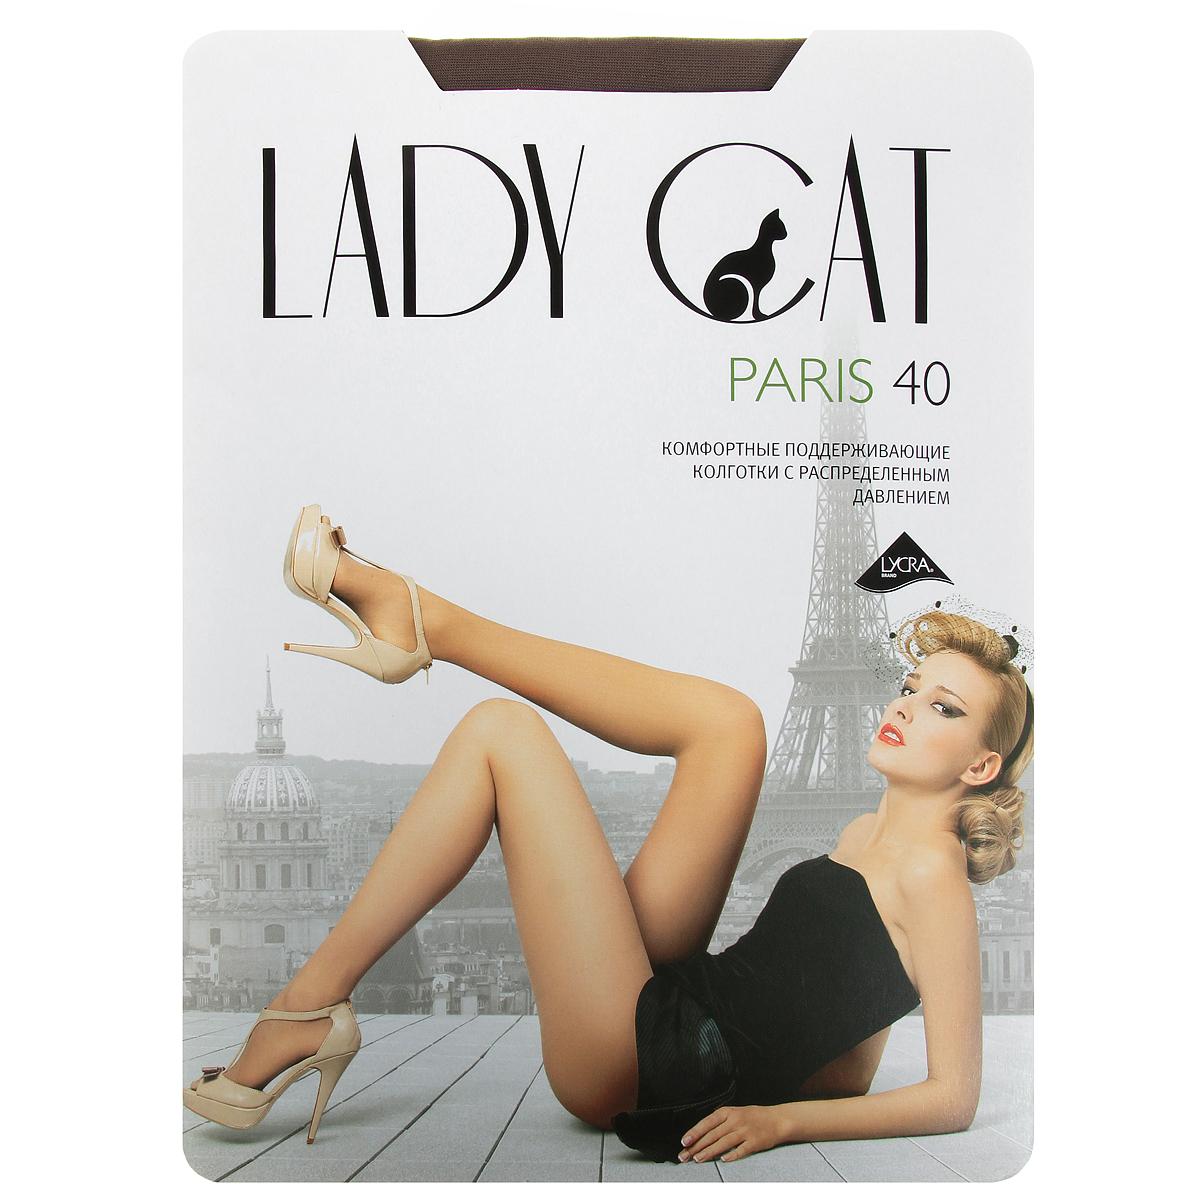 Колготки Paris 40Paris 40_Beige NatureleКомфортные и прочные шелковистые колготки Грация Lady Cat Paris 40 с легким поддерживающим эффектом и распределенным давлением по ноге. Усиленный верх и уплотненный мысок обеспечивают дополнительную прочность, а ластовица и плоские швы создают дополнительный комфорт. 40 den. В коллекциях колготок Грация представлены модели, которые станут удачным дополнением к гардеробу любой женщины. Модели с заниженной и классической линией талии, совсем тоненькие с эффектом прохлады для жарких дней и утепленные с добавлением шерсти. Любая модница знает, что особое внимание при выборе одежки для своих ножек следует уделять фактуре изделия. В коллекции колготок Грация вы найдете и шелковистые колготки с добавлением лайкры, которые окутают ваши ножки легким мерцанием, и более строгие матовые модели. Но главная особенность колготок Грация - их практичность: они устойчивы к появлению затяжек и очень прочны. В особенно уязвимых зонах многие модели специально уплотнены, что...